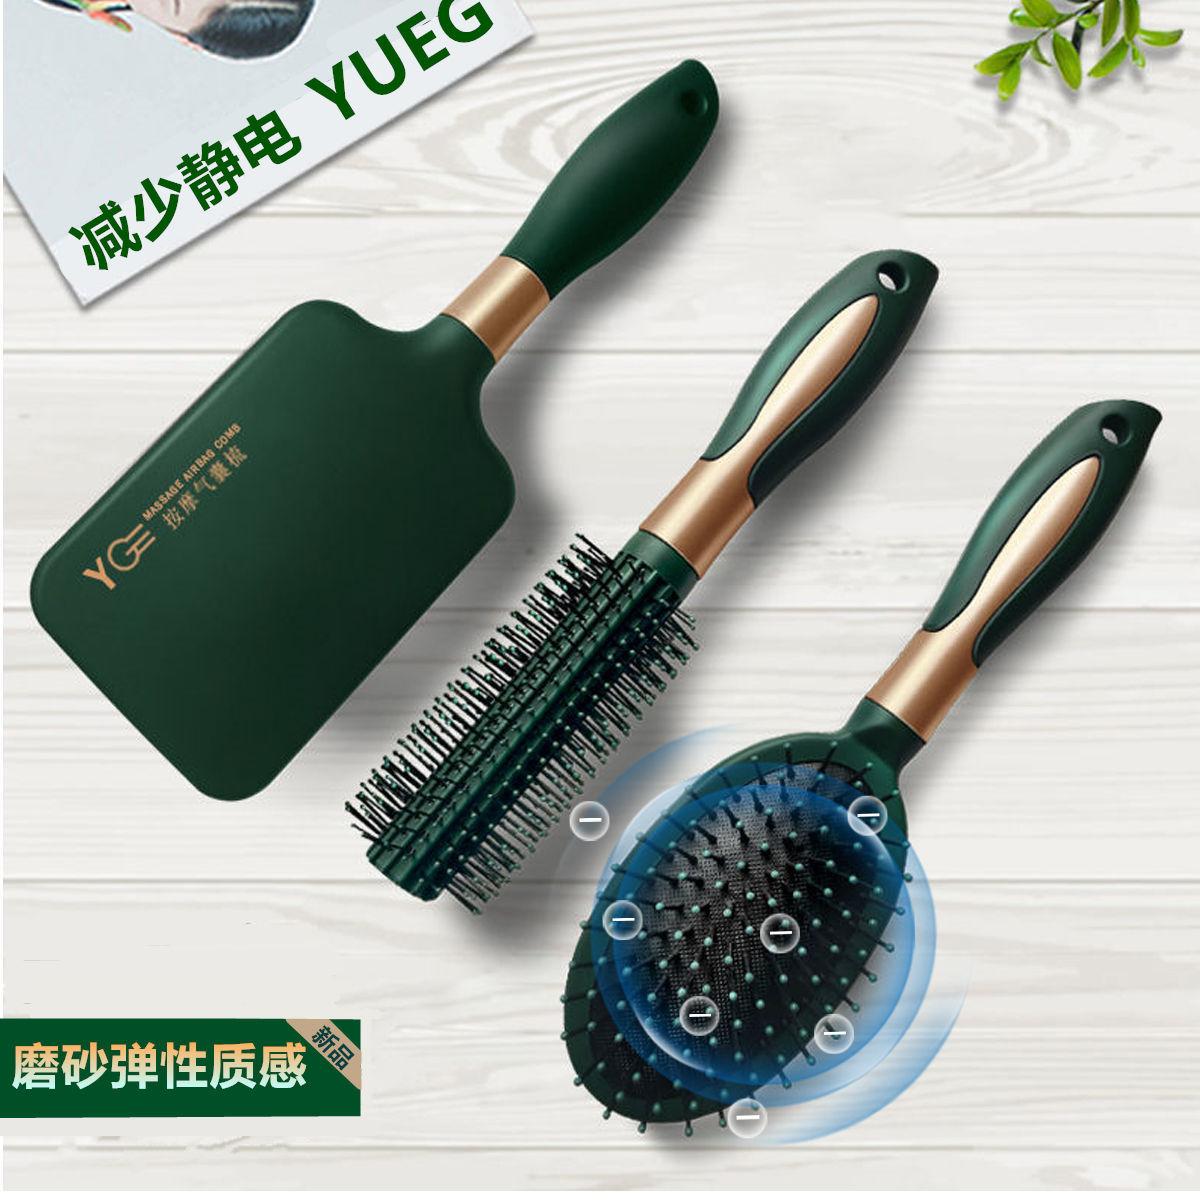 梳子女学生韩版防脱发按摩气囊梳梳子神器卷发梳家用防静电木梳